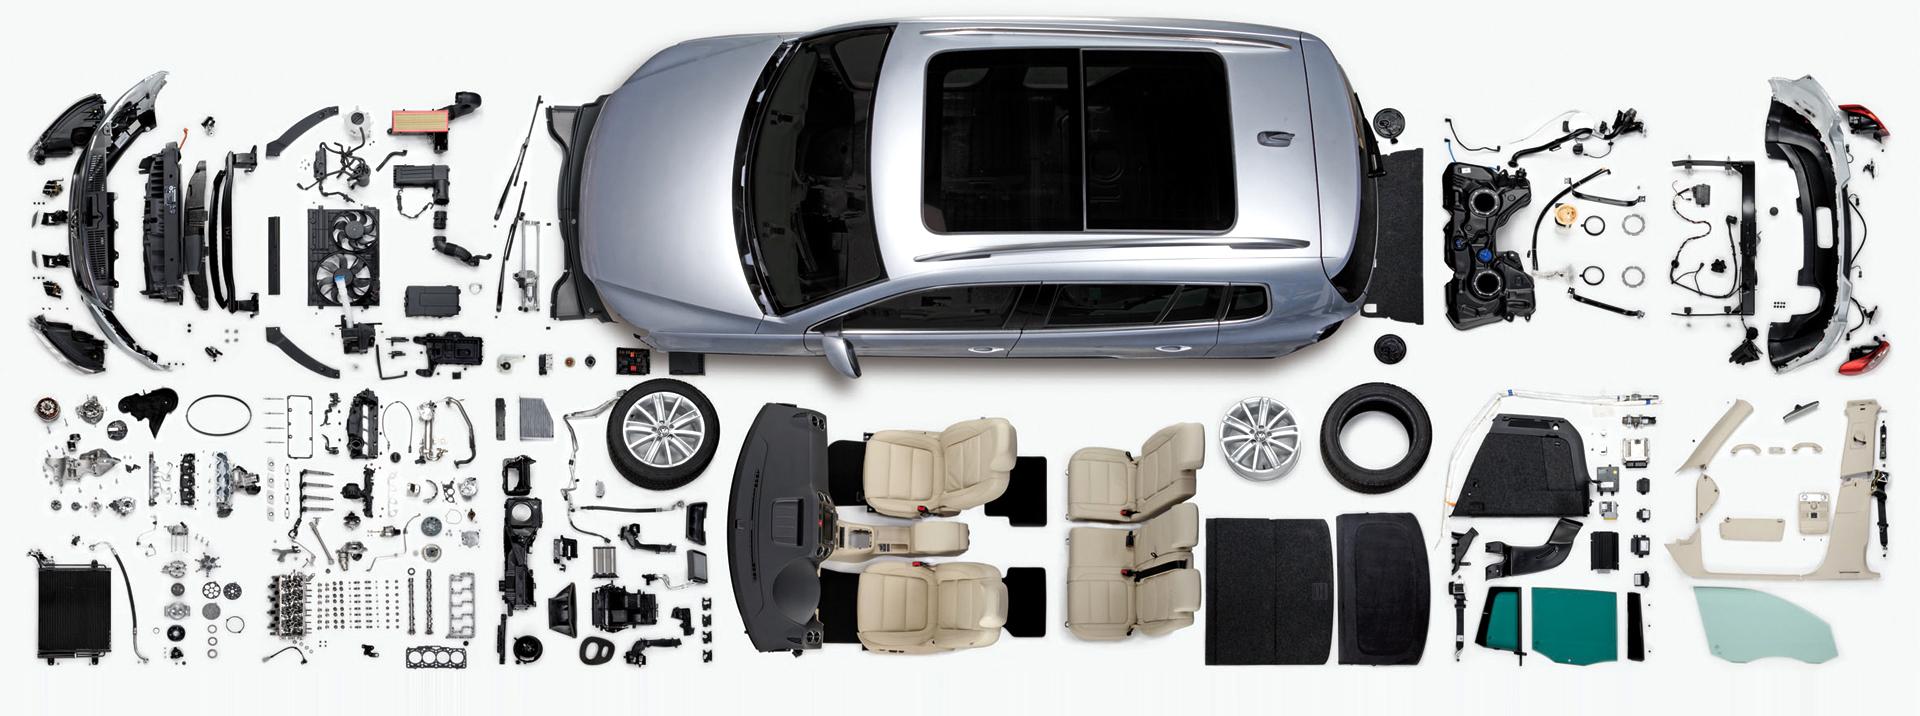 Volkswagen Parts UK – Genuine Volkswagen Parts & Accessories